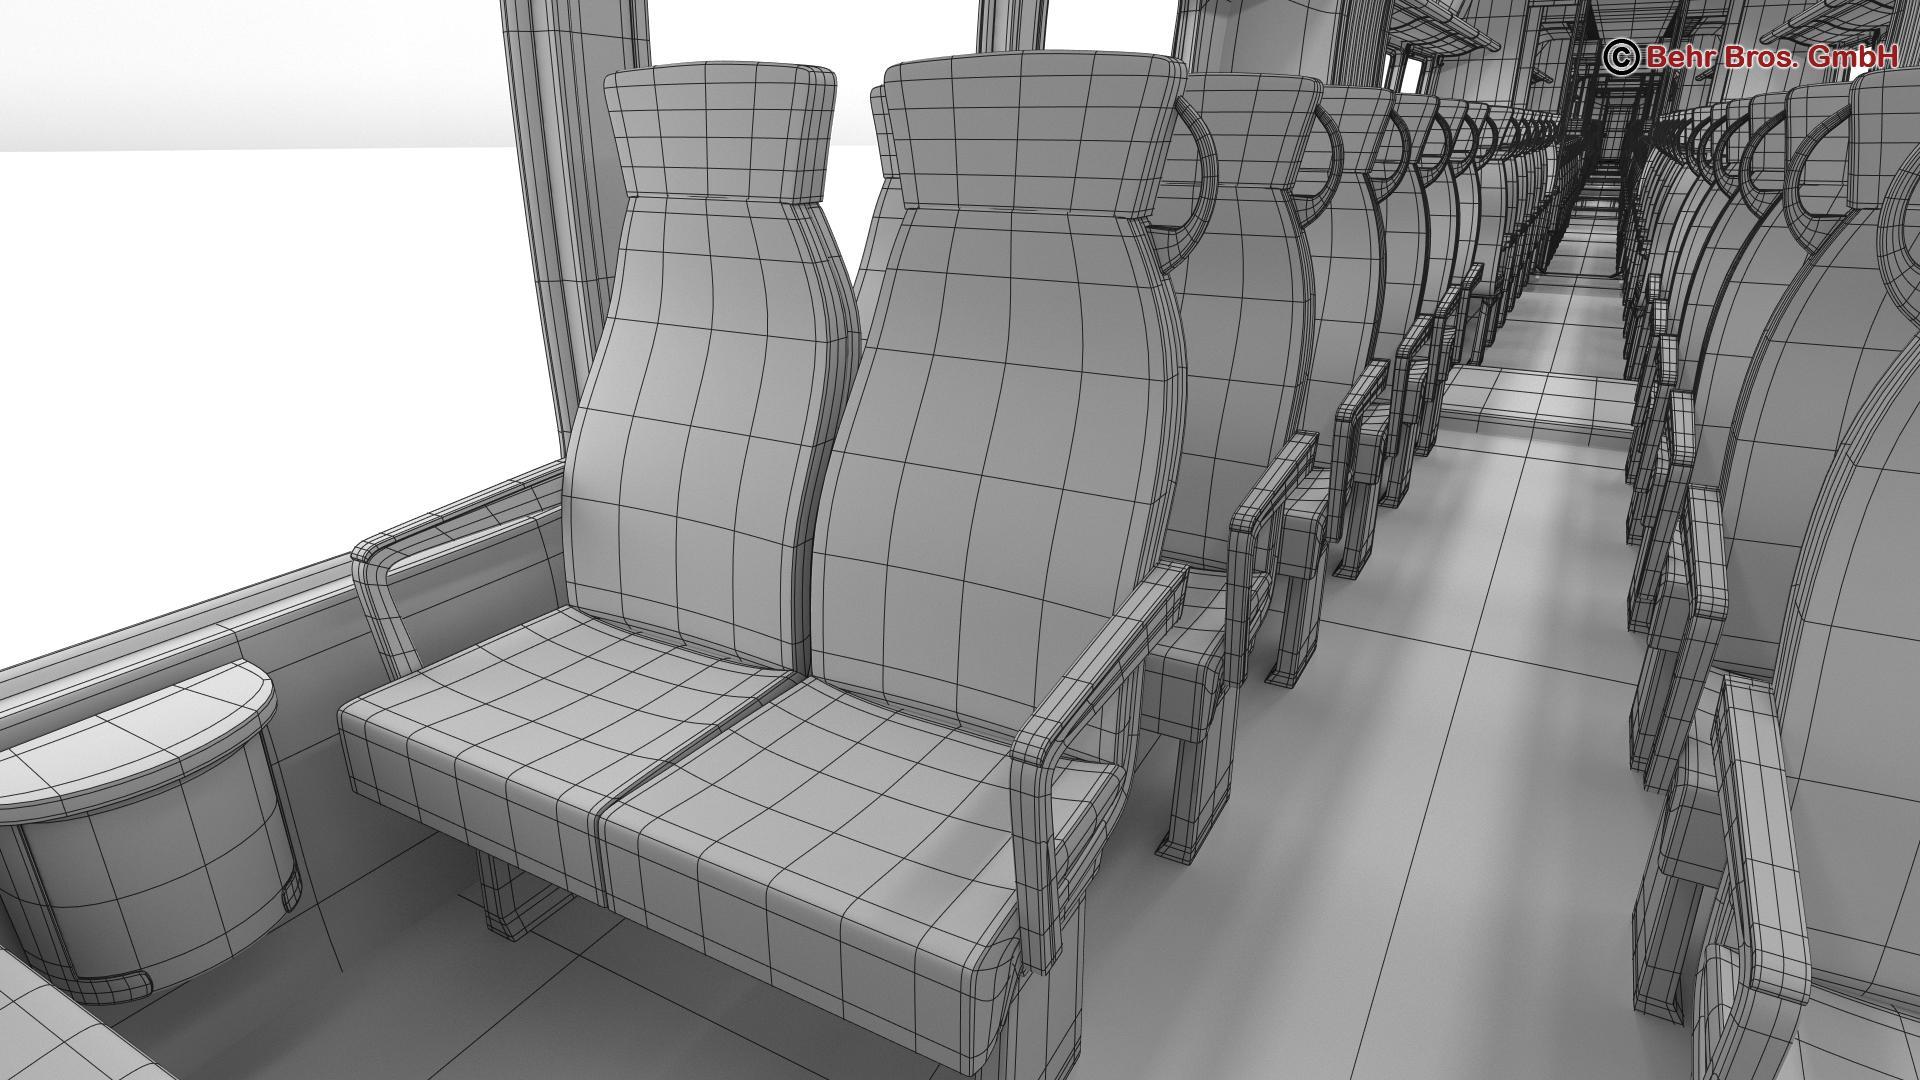 generic commuter train 3d model 3ds max fbx c4d ma mb obj 206654